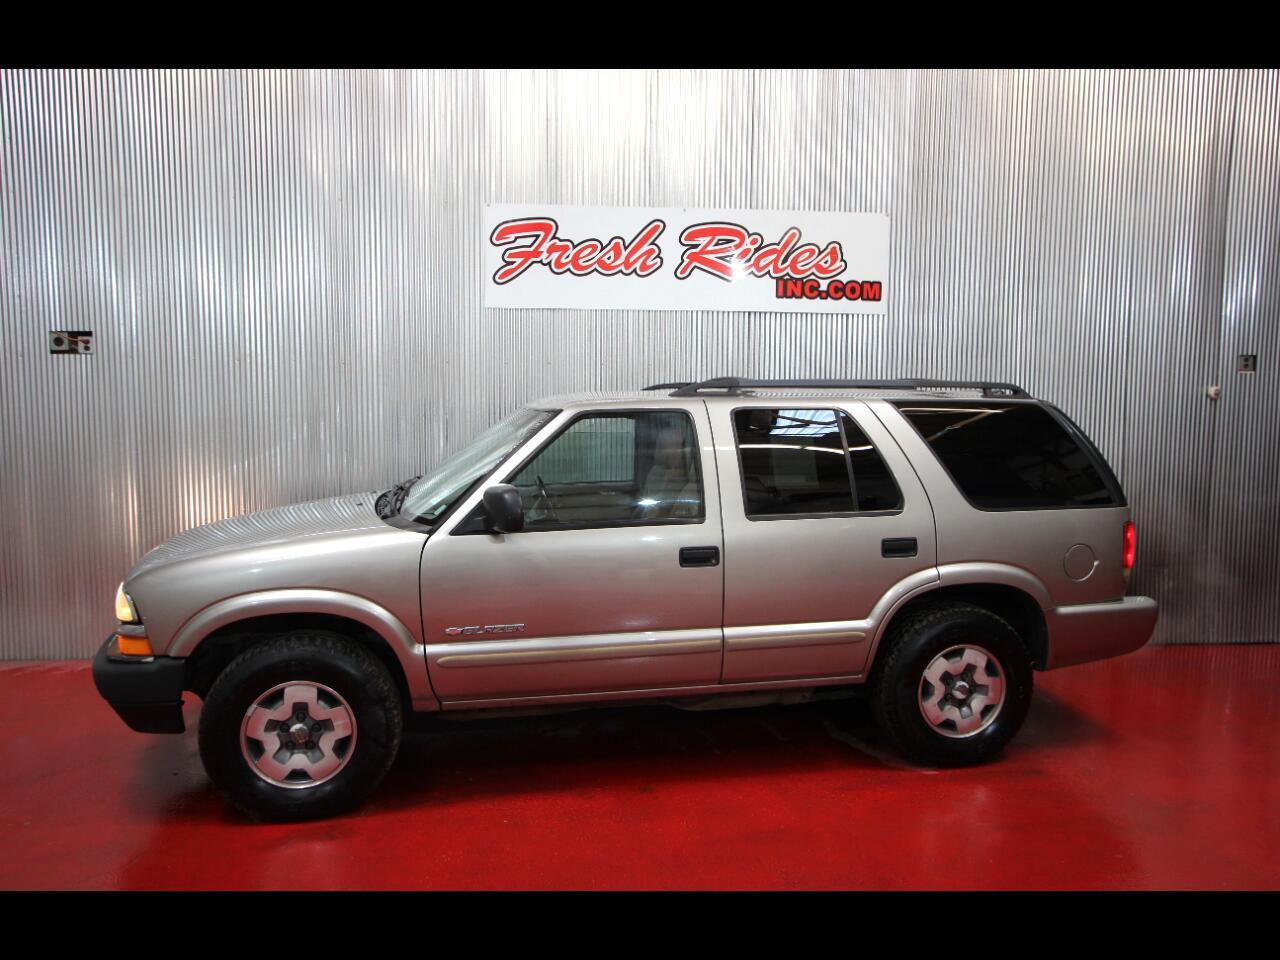 2004 Chevrolet Blazer 4-Door 4WD